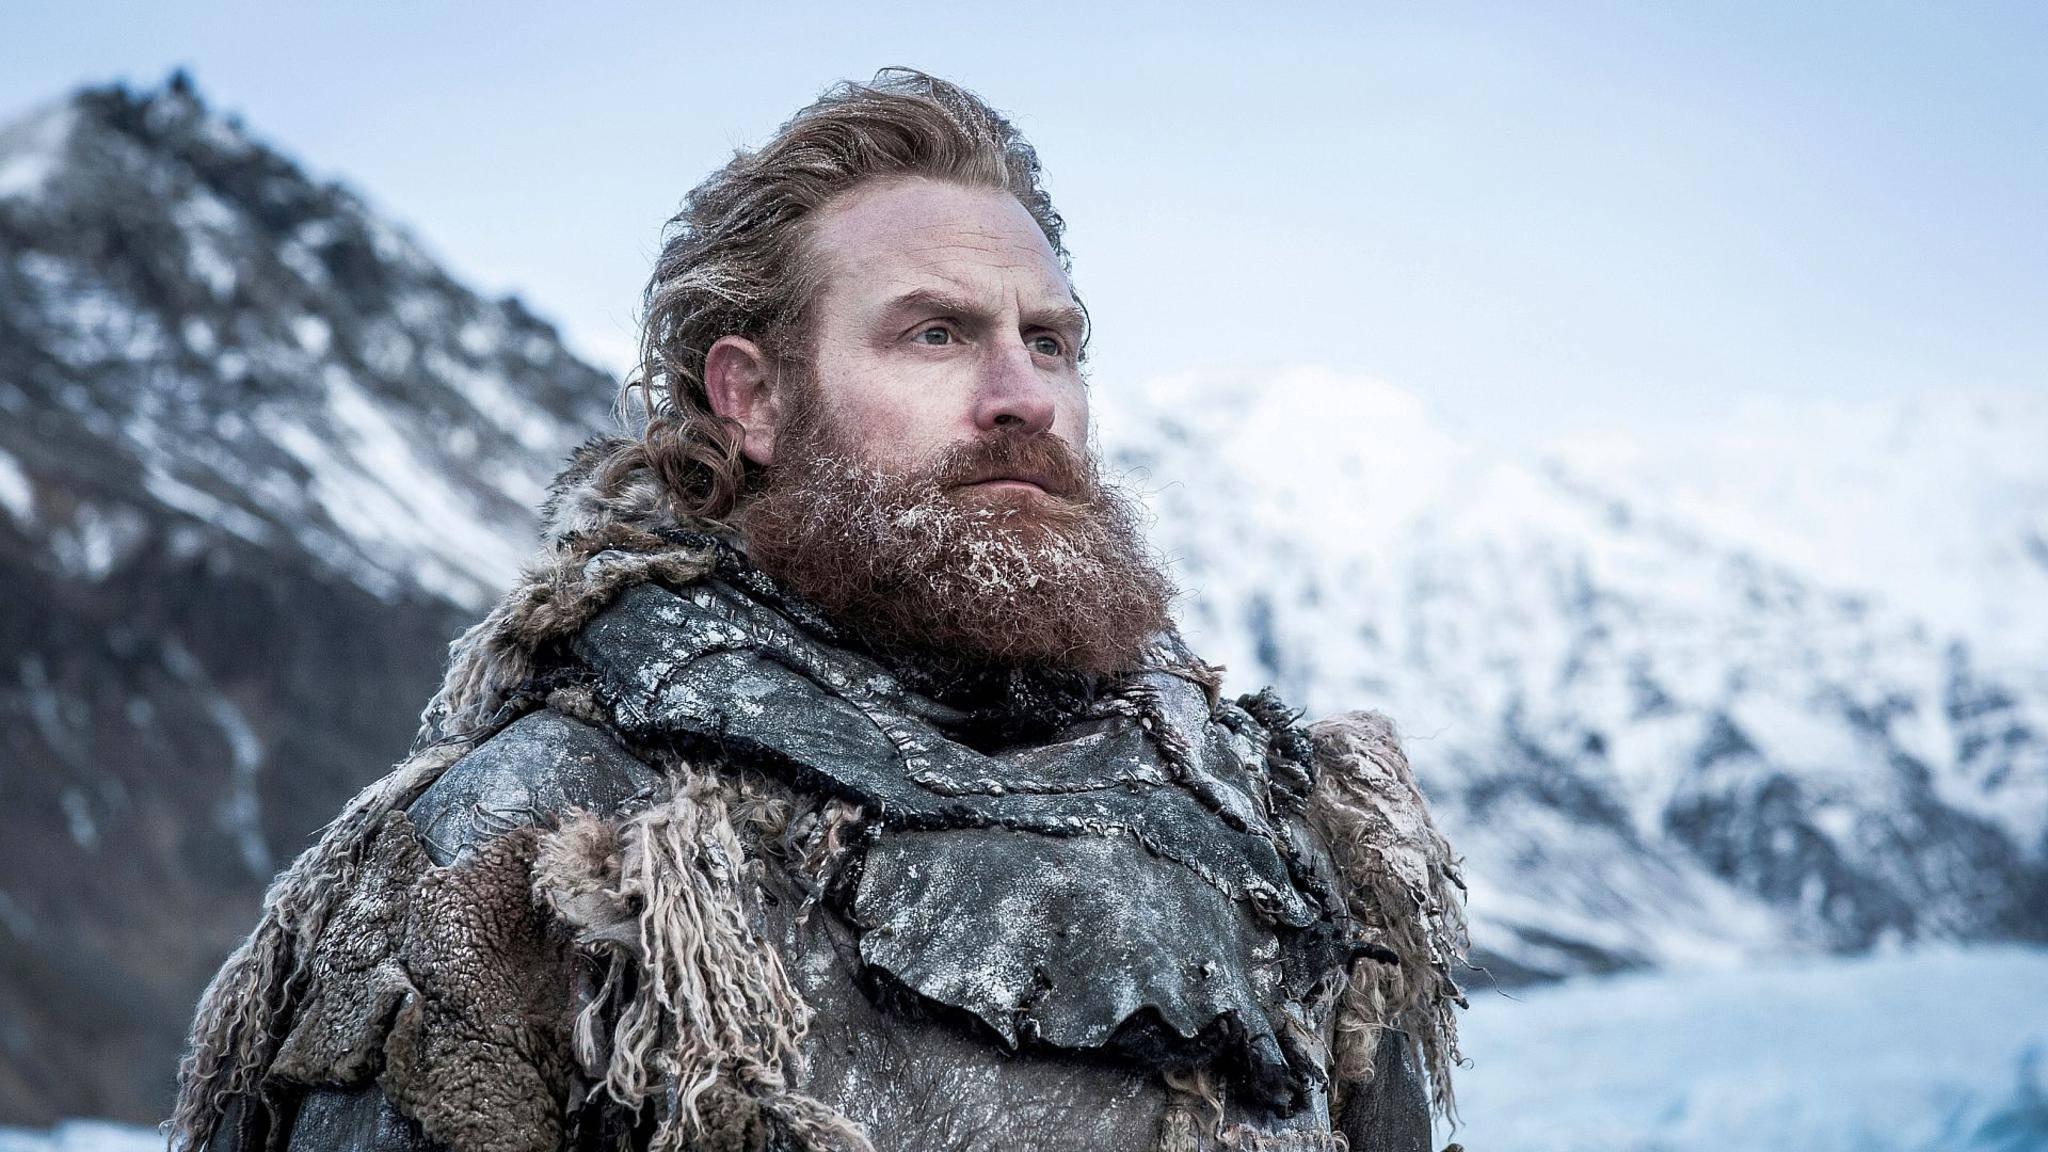 Im Finale von Staffel 7 sah es für Tormund nicht gerade rosig aus. Ob er wohl überlebt hat?